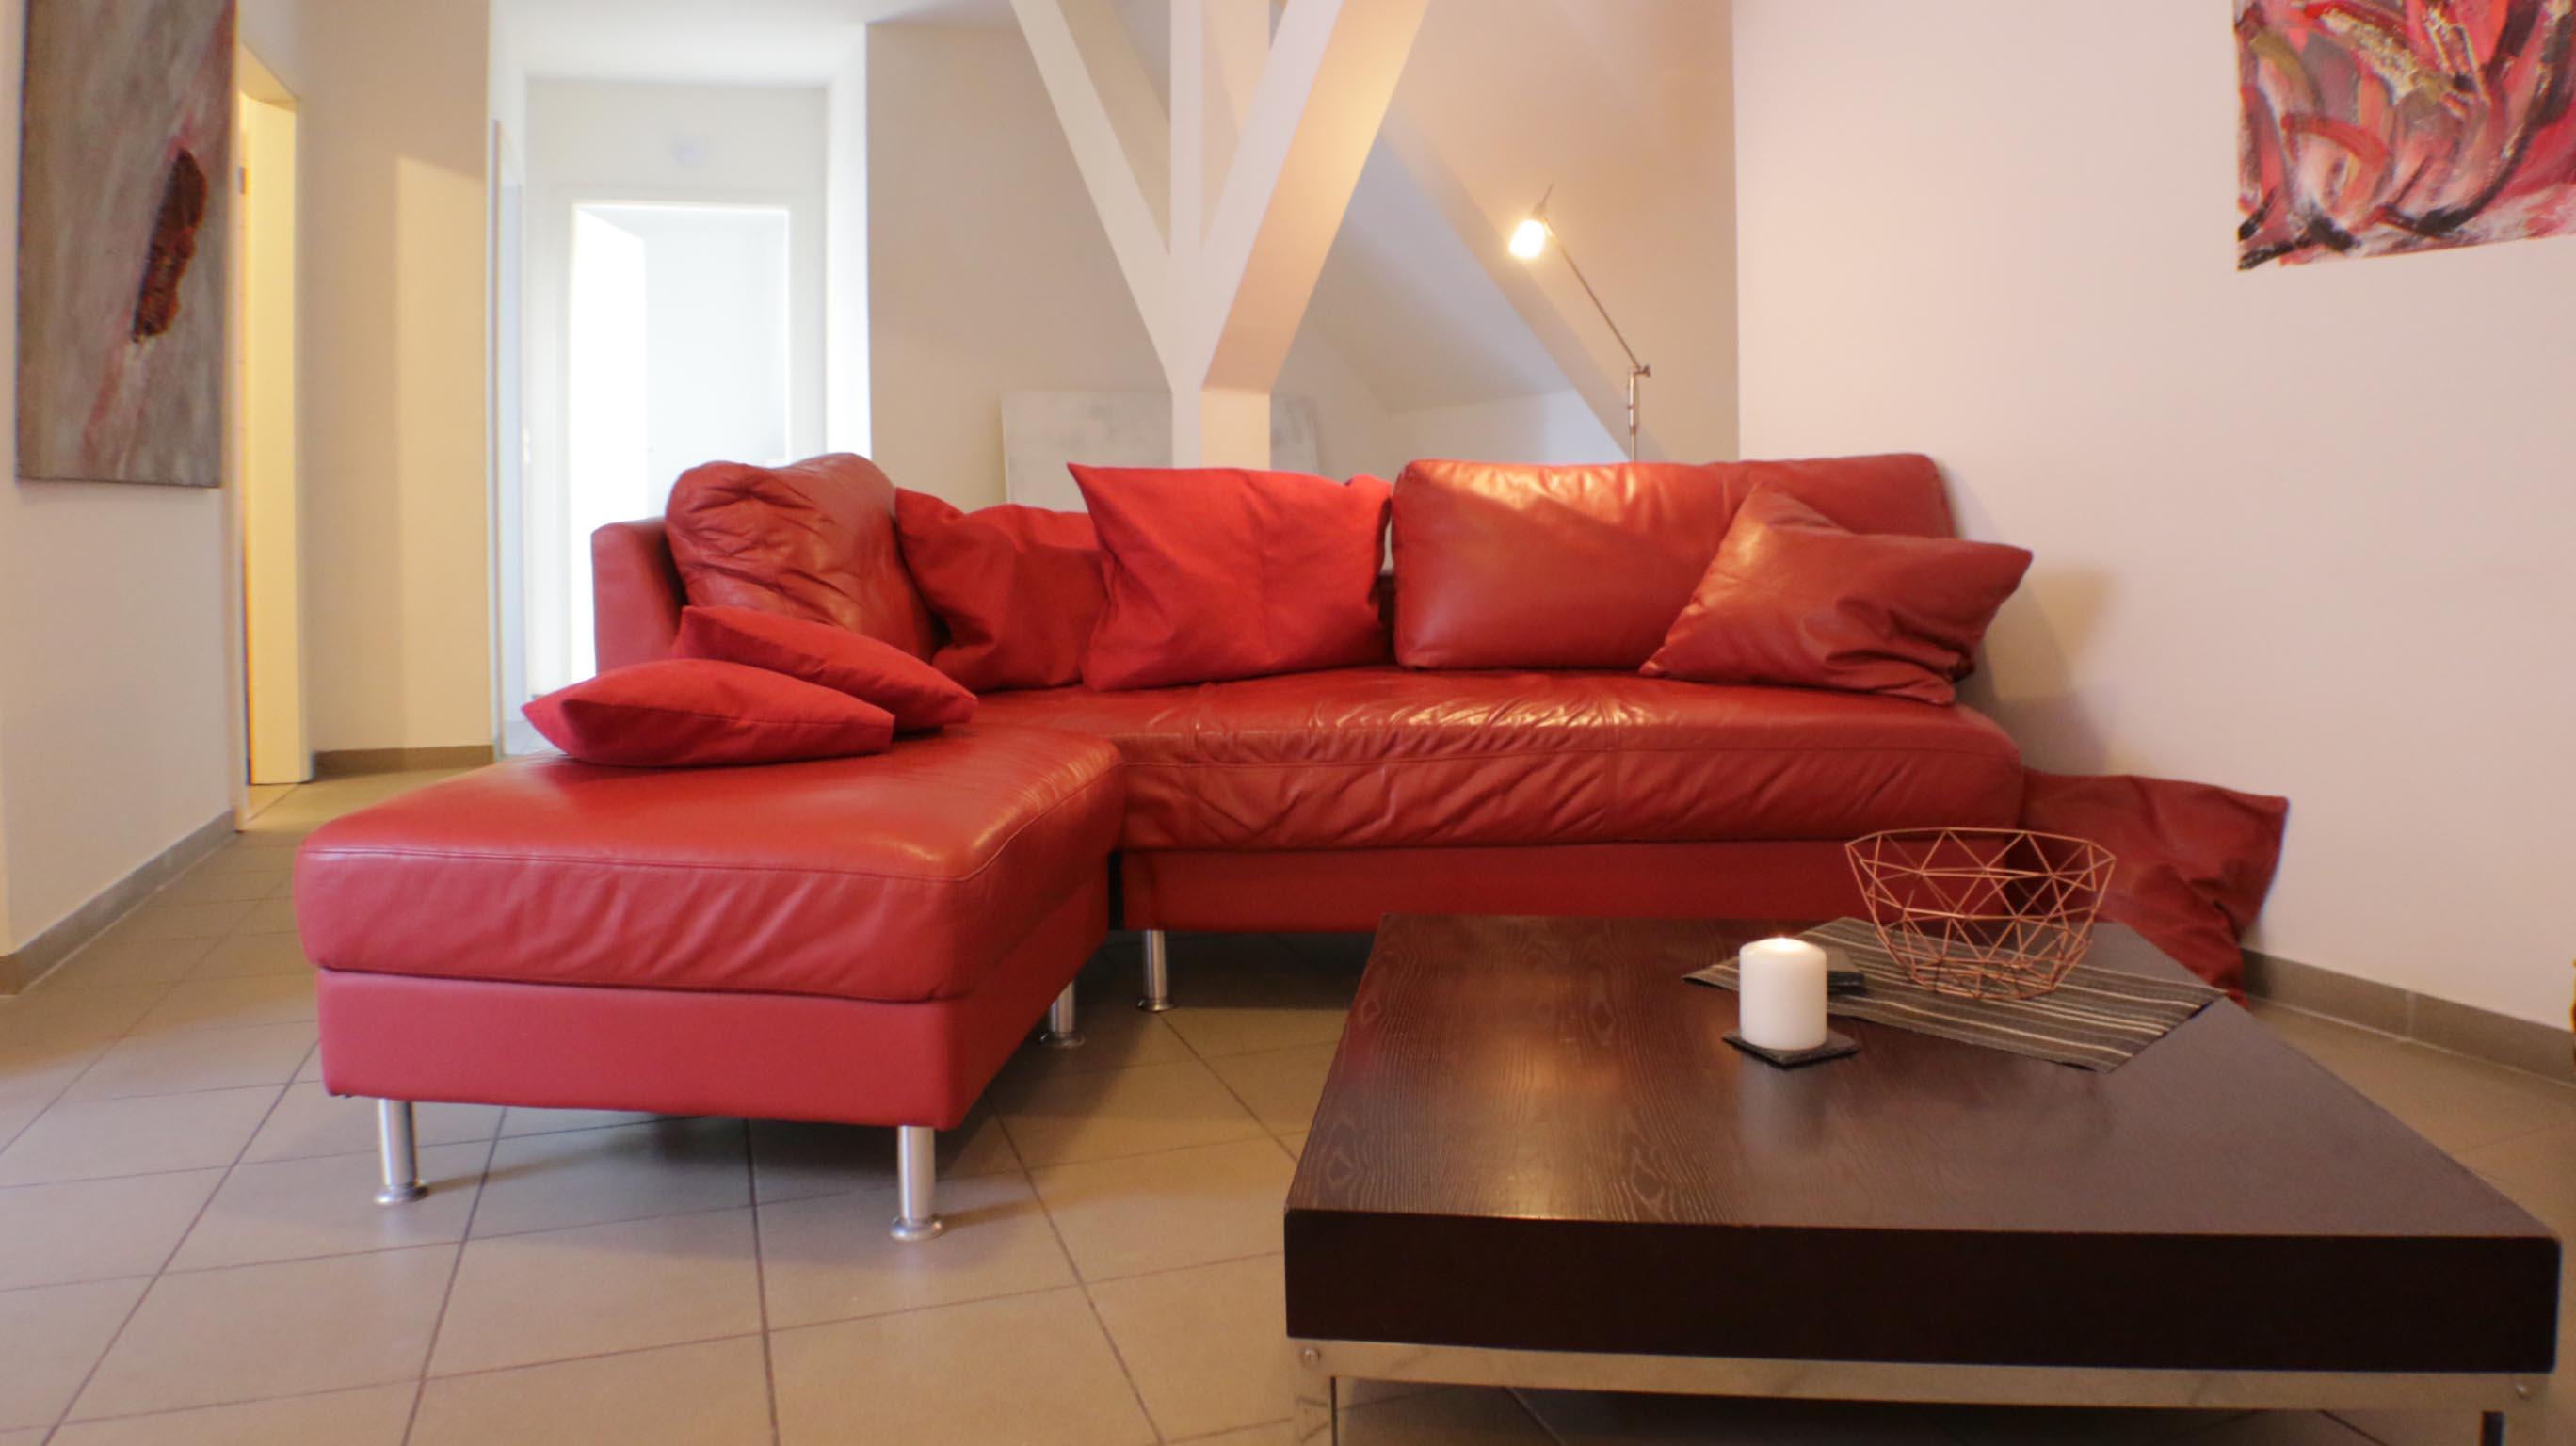 sofa2_1400b